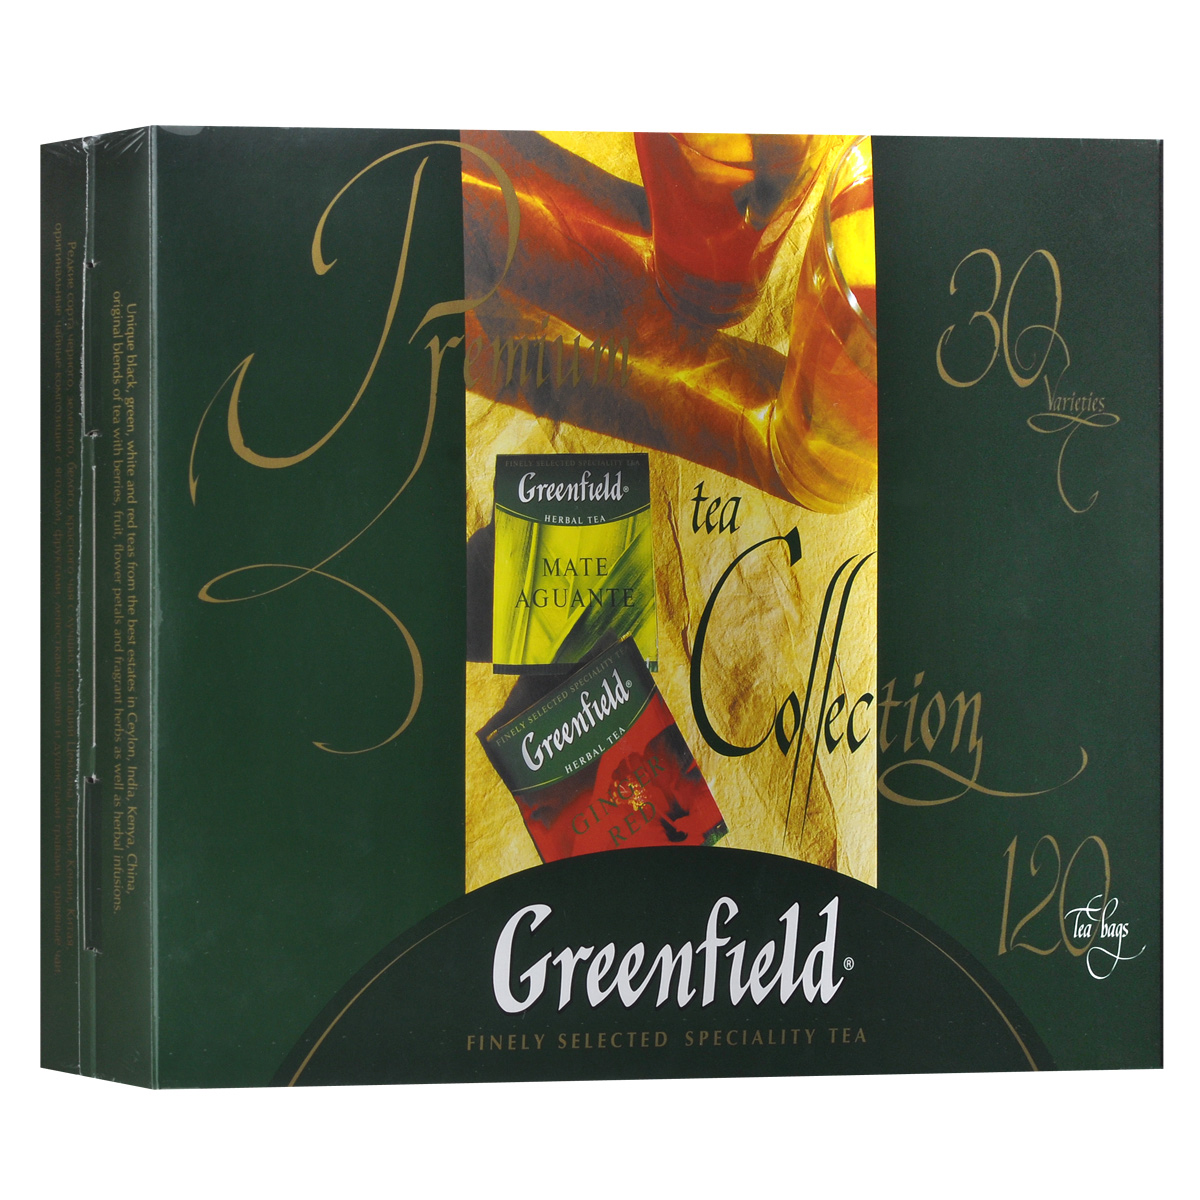 Greenfield набор изысканного чая и чай в пакетиках, 30 видов1074-08Редкие сорта черного, зеленого, белого, красного чая с лучших плантаций Цейлона, Индии, Кении, Китая и Японии. Оригинальные чайные композиции с ягодами, фруктами, лепестками цветов и душистыми травами, травяные чаи. В коробке с набором вложен буклет с описанием каждого вида чая из коллекции Greenfield.Голден ЦейлонПремиум АссанКлассик БрекфастФайн ДжарджилингМеджик ЮньнаньДеликат КимыньКениан СанрайзЭл Грей ФэнтазиМилки ОолонгФлаинг ДрагонДжапаниз СенчаЖасмин ДримКрими РойбошРич КамомайлМатэ АгуантэСамма БукетДжинджер РэдФестив ГрэйпЛотос БризГрин МелиссаТропикал МавелМанго ДелайтБлюберри НайтсКристмас МистериИстэ ЧиэСпринг МелодиБарбери ГарденЛемон СпаркВанила ВэйвШоколад ТоффиВсё о чае: сорта, факты, советы по выбору и употреблению. Статья OZON Гид